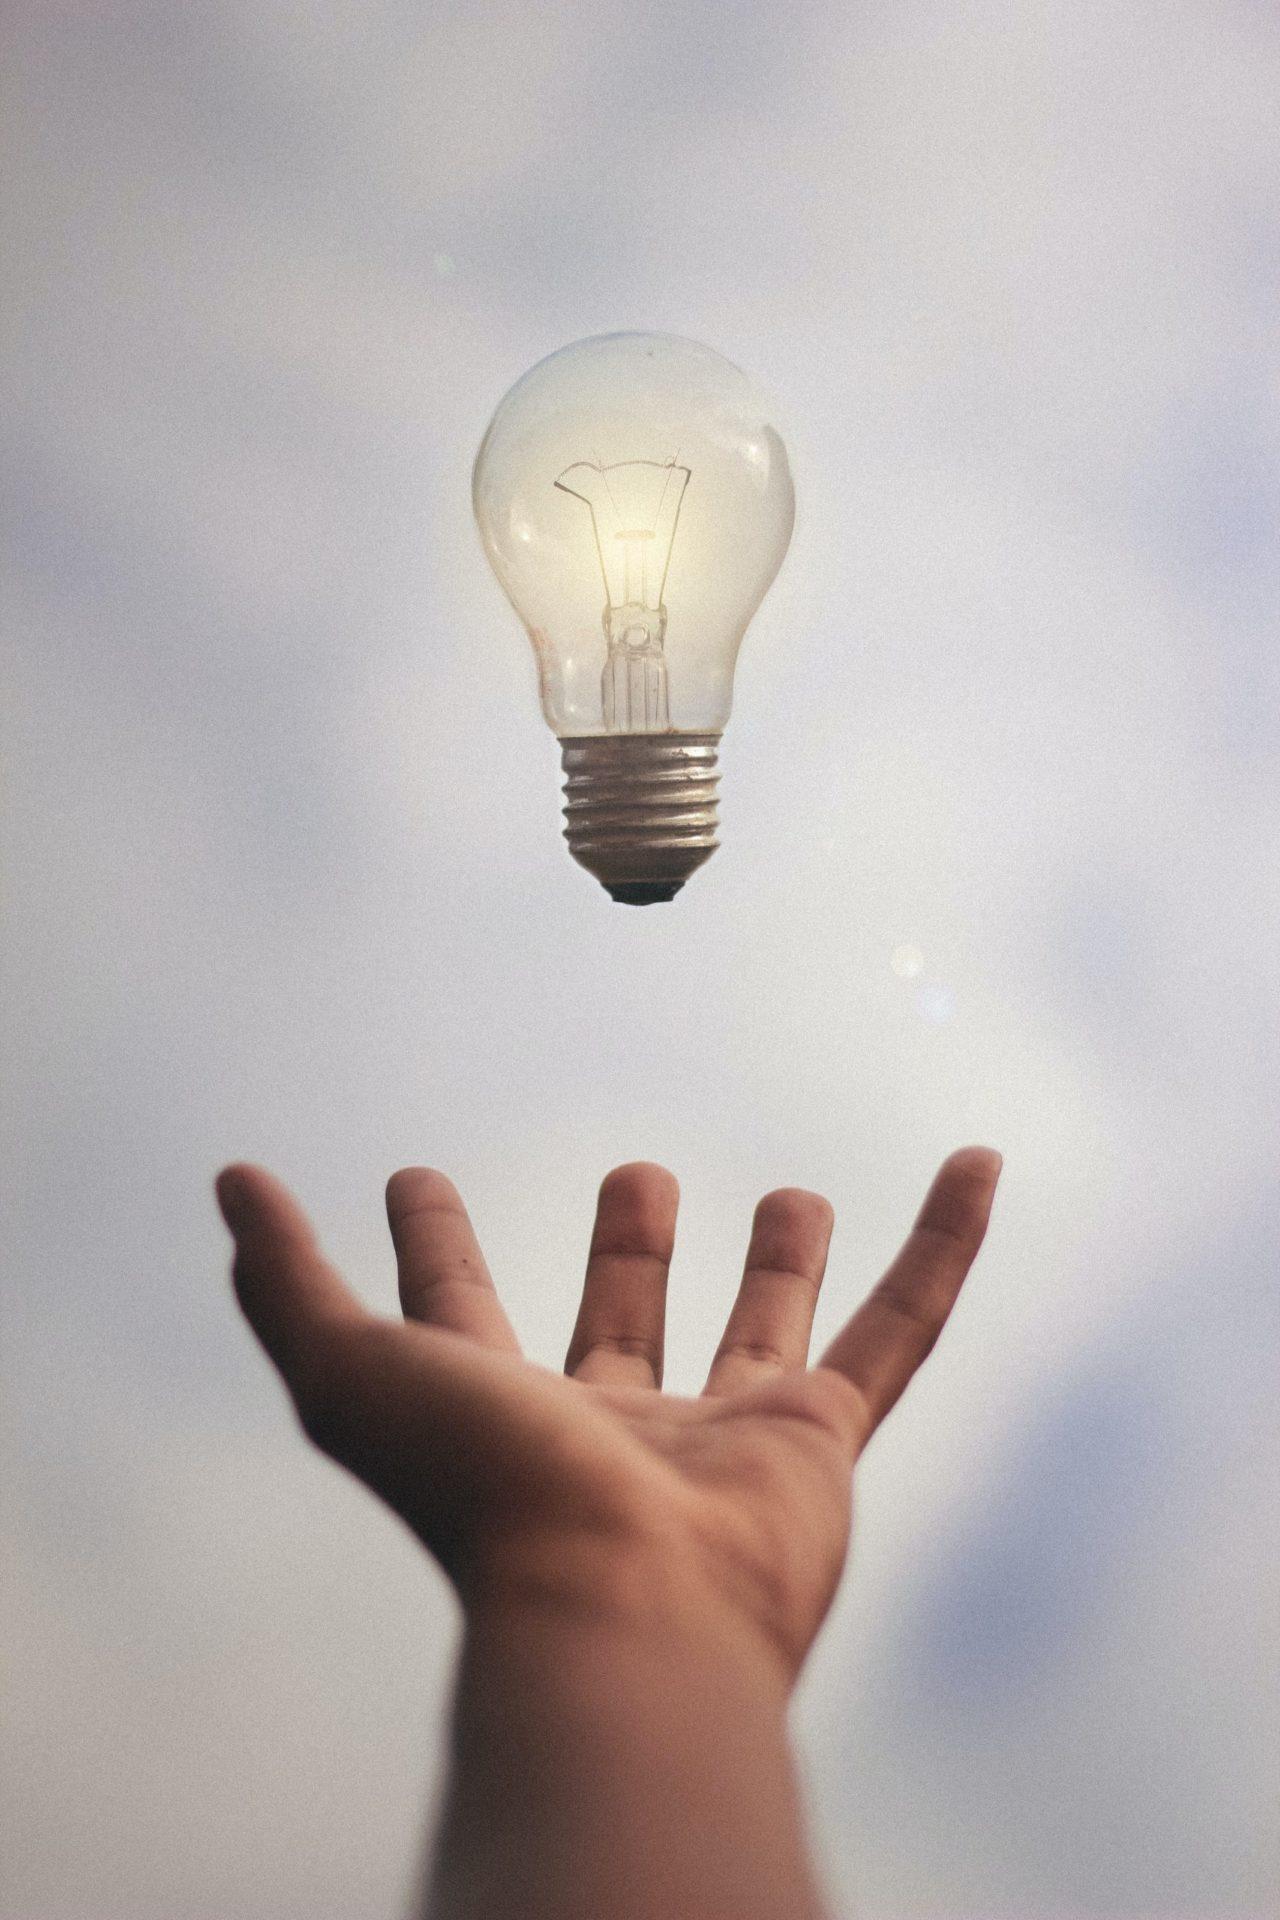 žiarovka s rukou